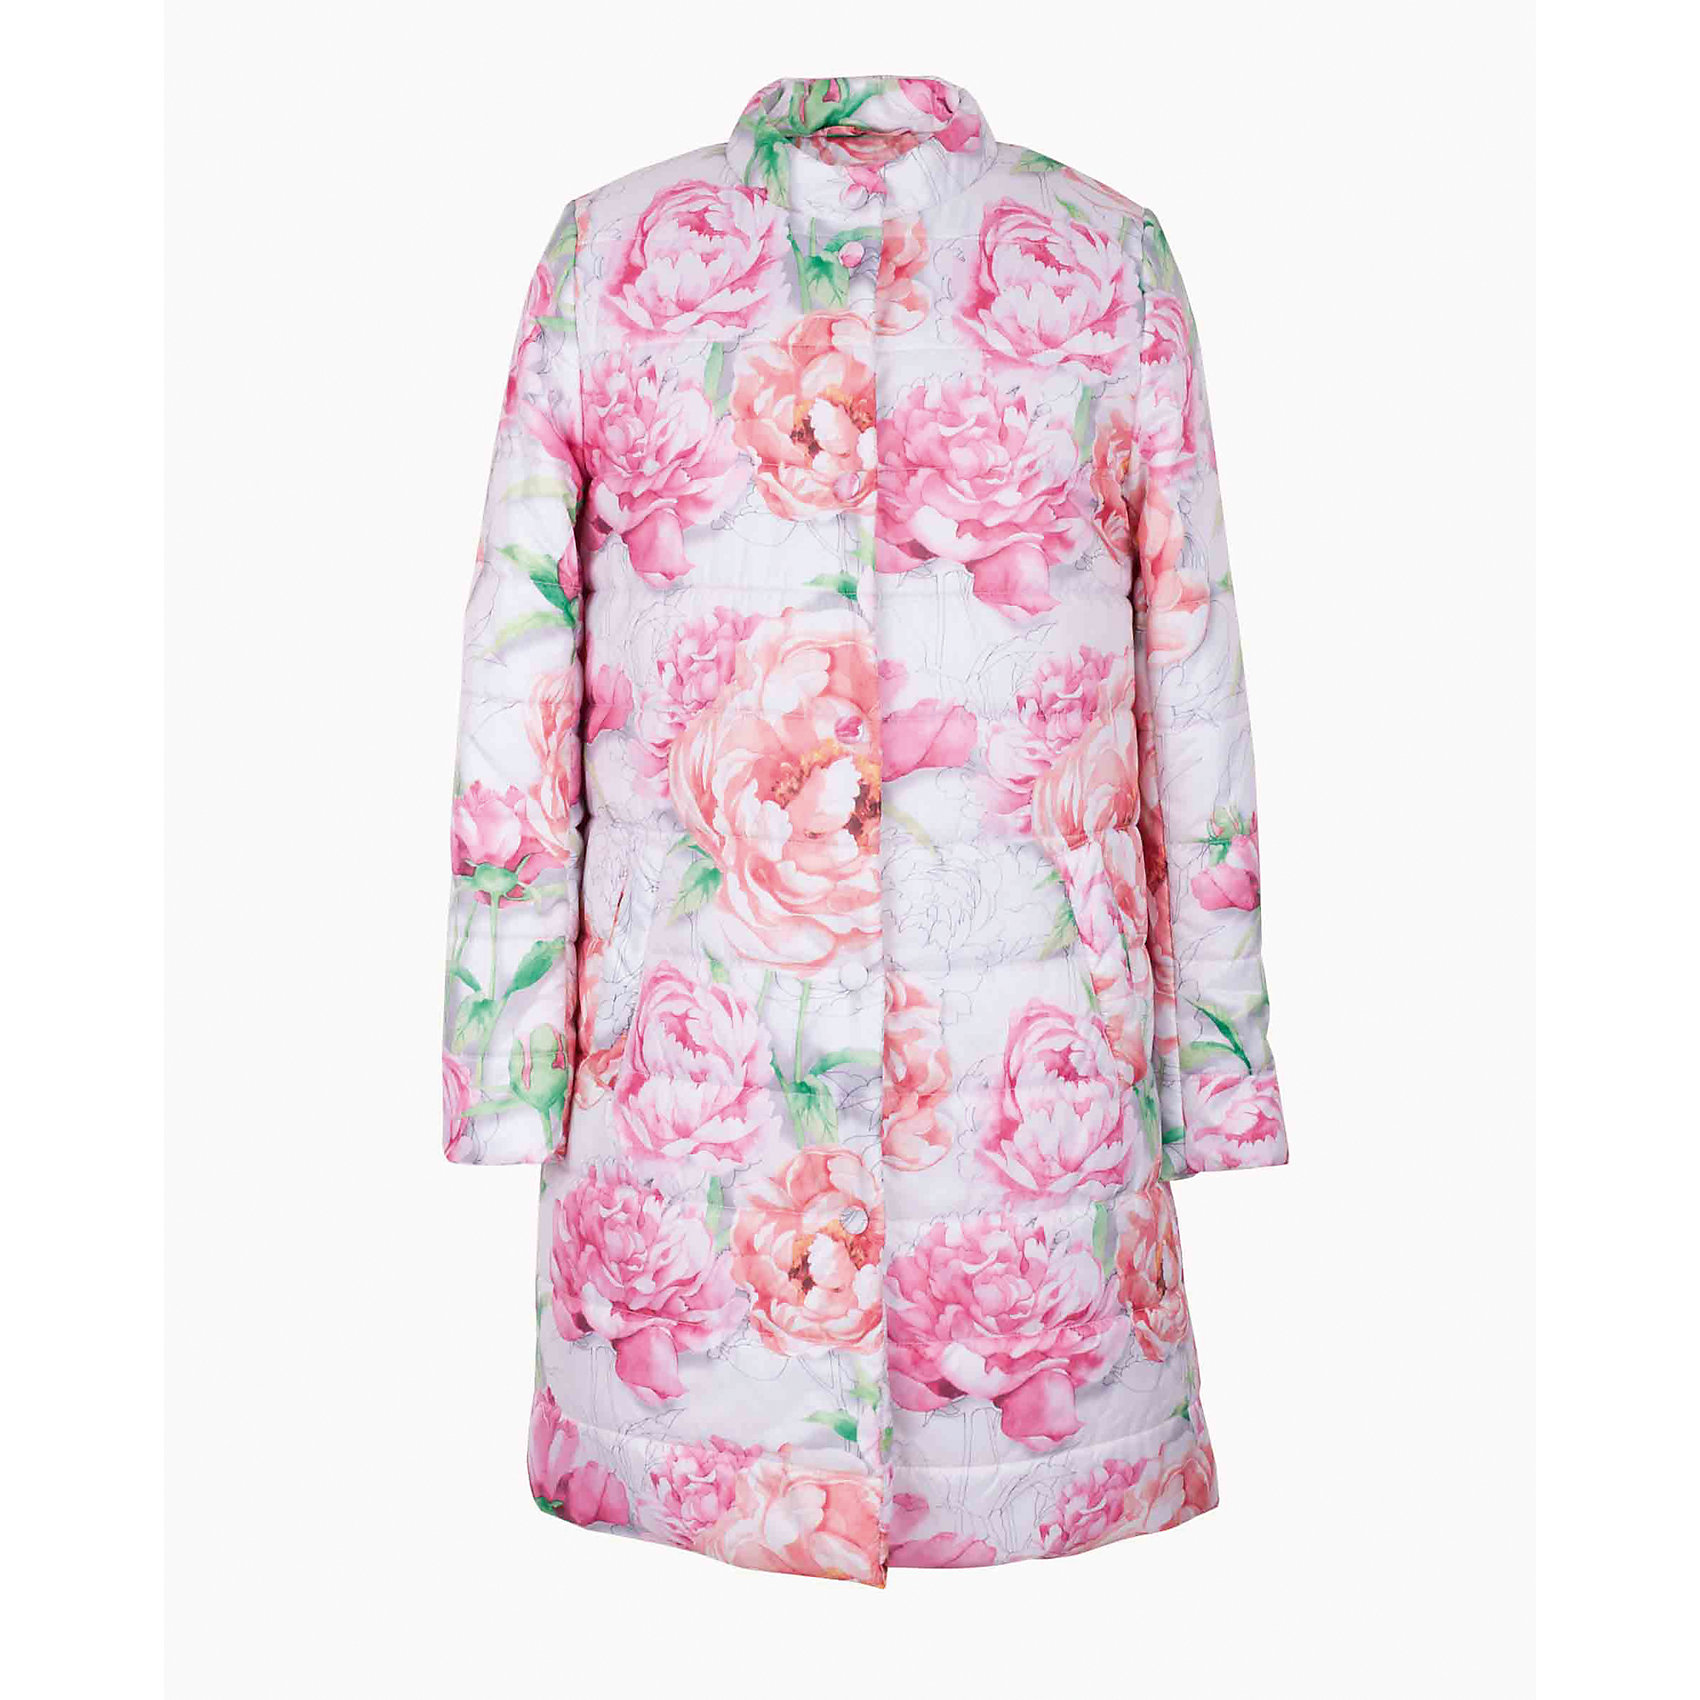 Пальто для девочки GulliverВерхняя одежда<br>Купить пальто или куртку? - такой вопрос задают себе мамы девочек, отправляясь на весенний шопинг. Но, увидев детское пальто из коллекции Цветные истории, сомнений не будет! Погода весной весьма обманчива, но уже с первых дней марта хочется носить все светлое, позитивное, яркое. Классное пальто для девочки с крупным оригинальным цветочным рисунком - ваш ответ весенней прохладе и сырости! Детское пальто на синтепоне вас не разочарует. Мягкое, легкое, удобное, оно подарит комфорт и создаст отличное настроение.<br>Состав:<br>верх:               100% полиэстер; подкладка:           100% полиэстер; утеплитель:           100% полиэстер<br><br>Ширина мм: 356<br>Глубина мм: 10<br>Высота мм: 245<br>Вес г: 519<br>Цвет: белый<br>Возраст от месяцев: 72<br>Возраст до месяцев: 84<br>Пол: Женский<br>Возраст: Детский<br>Размер: 122,140,128,134<br>SKU: 5484148